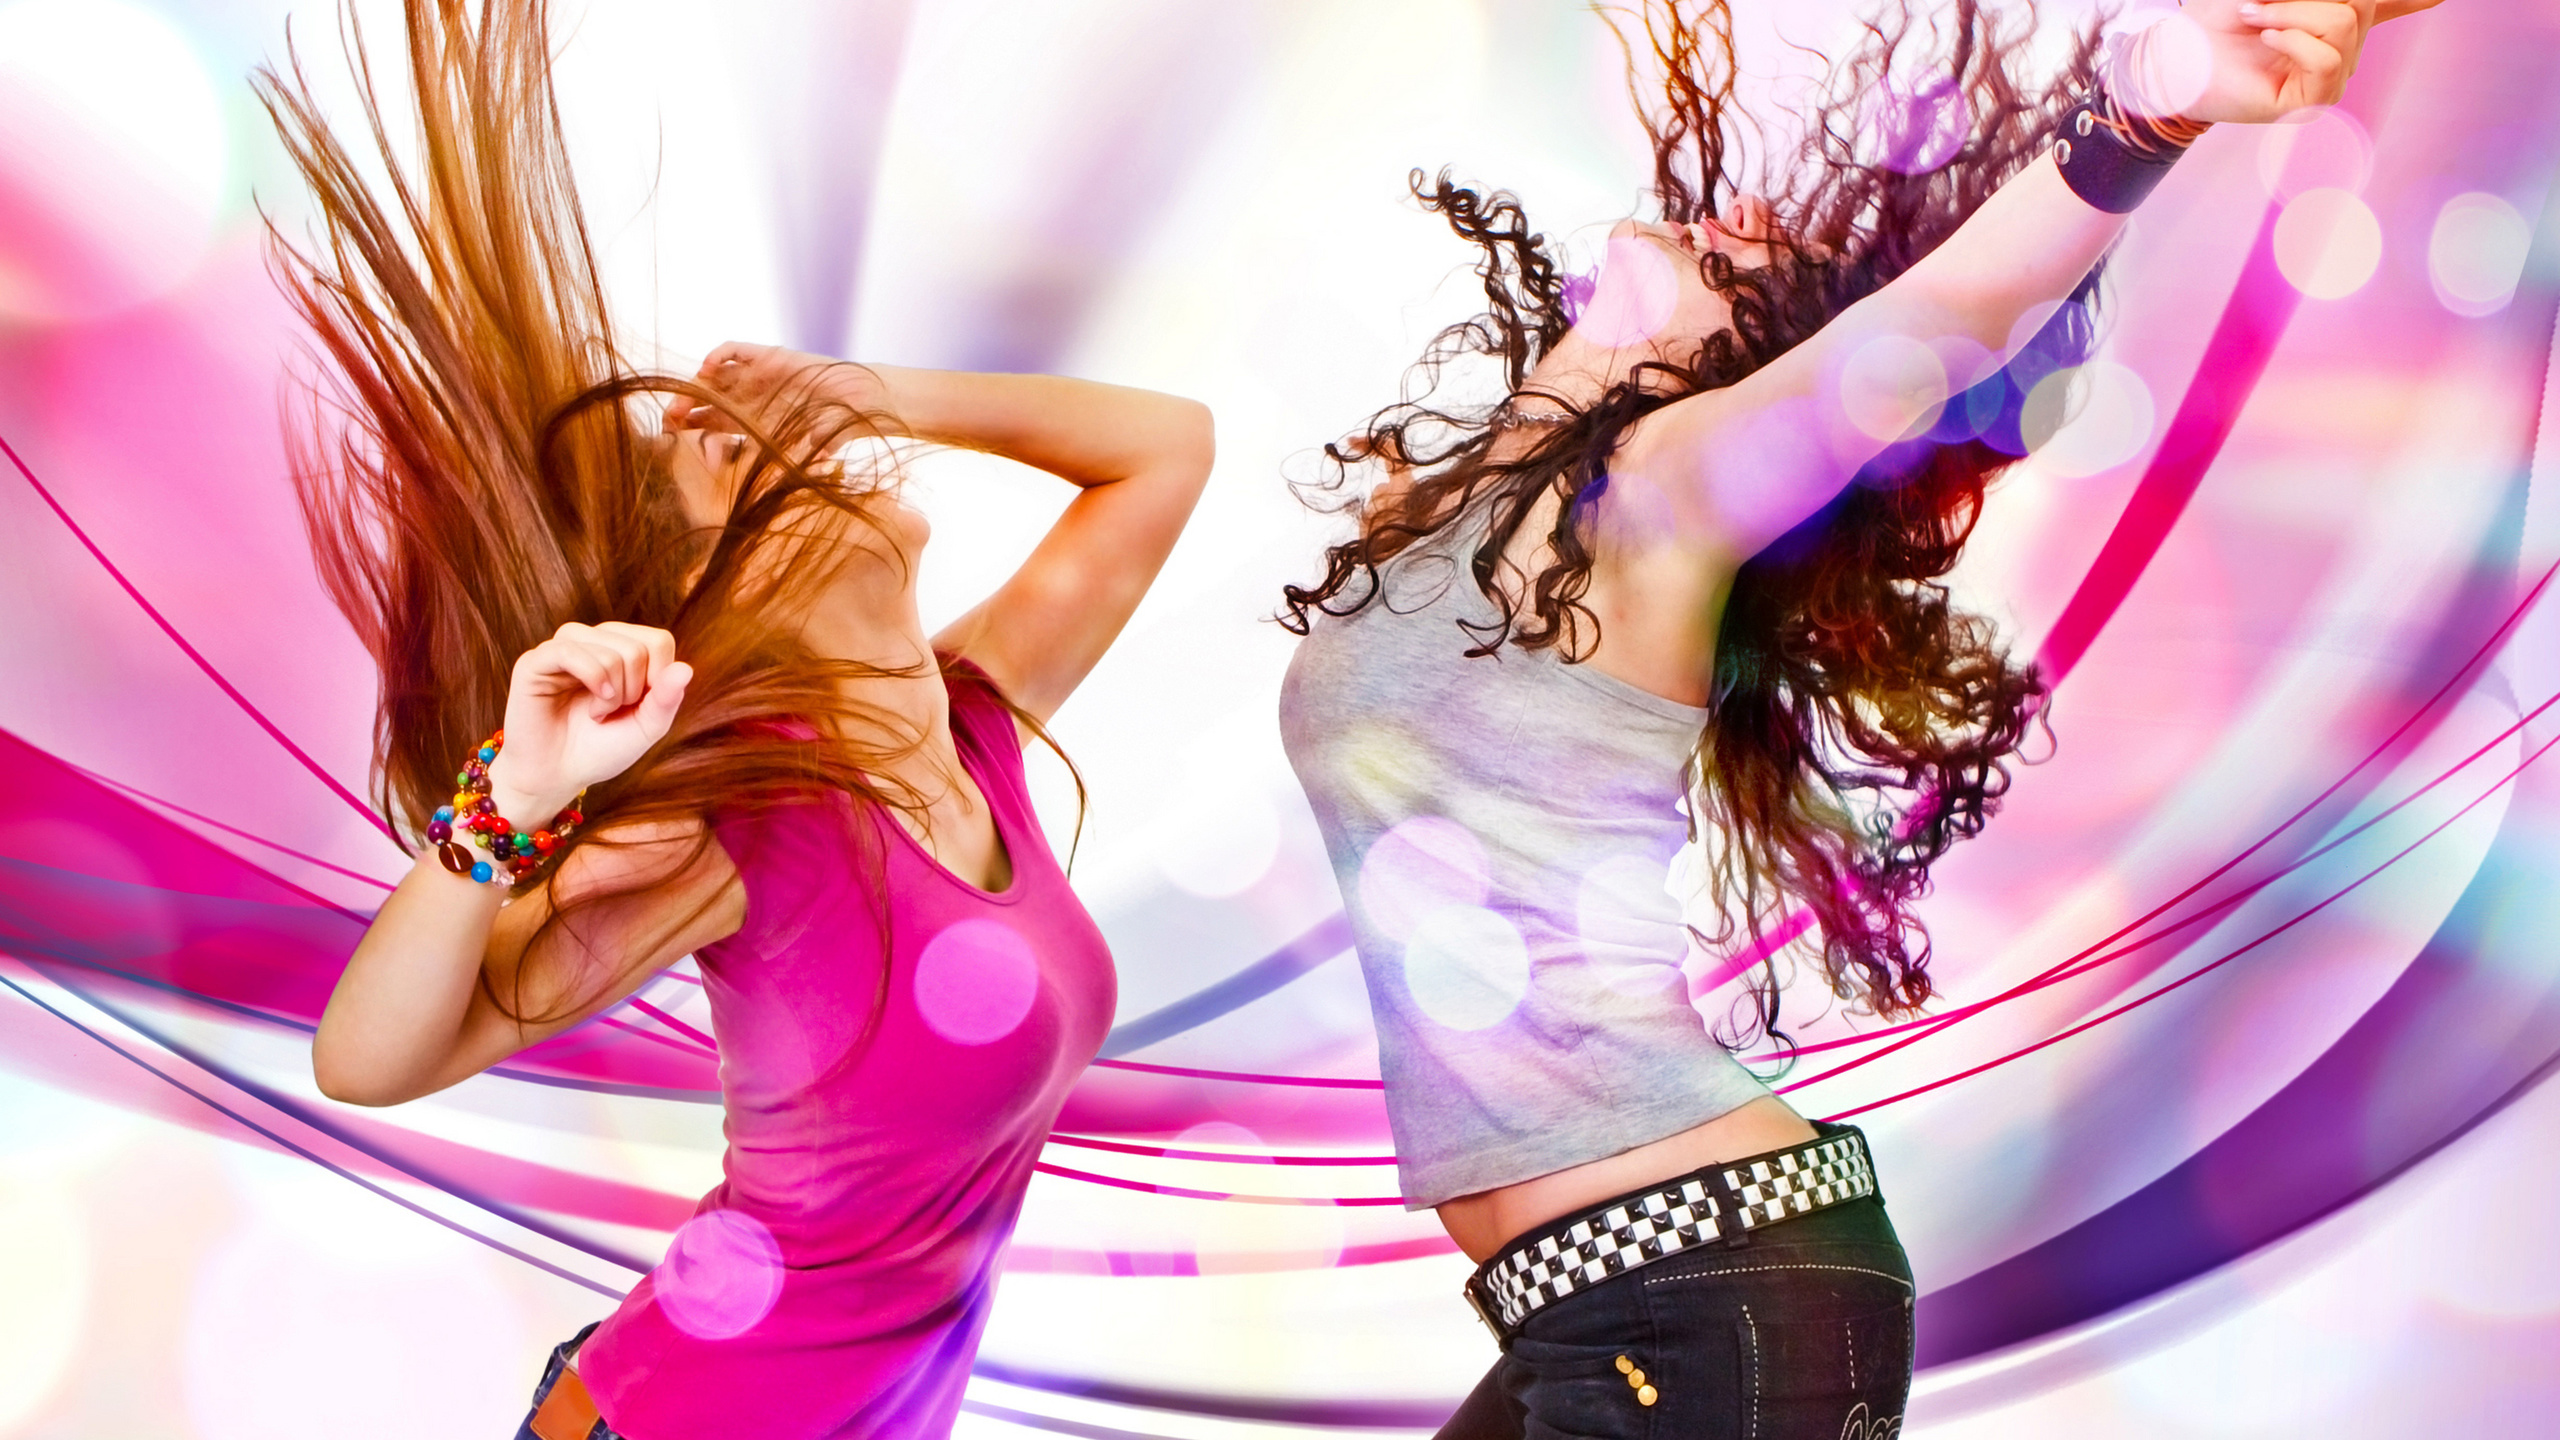 девушки, пара, танцы, музыка, движение, майка, джинсы, браслет